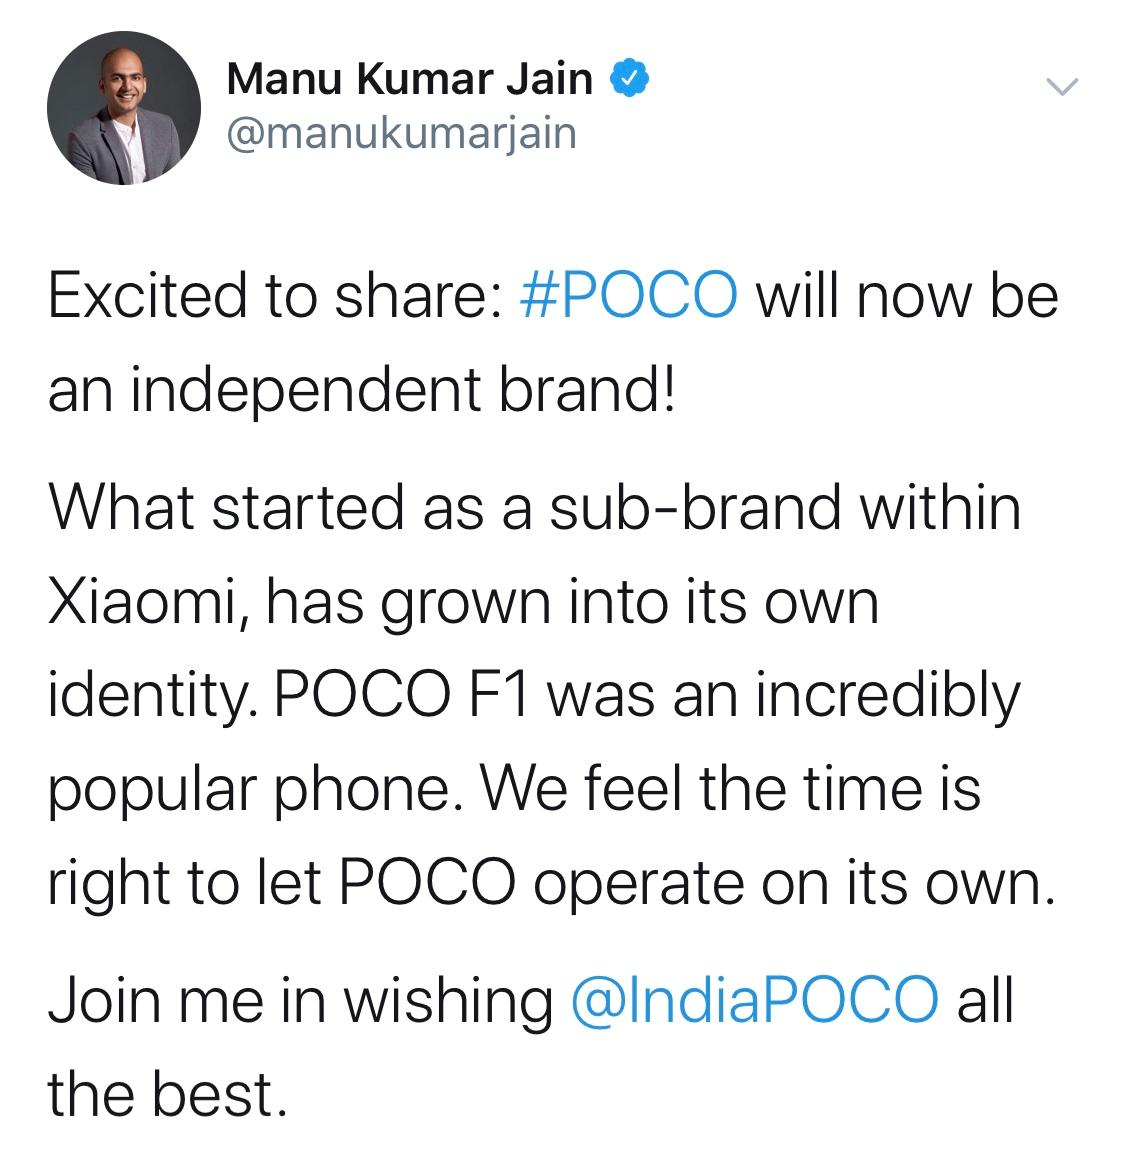 本土手机厂商多品牌战略打到印度